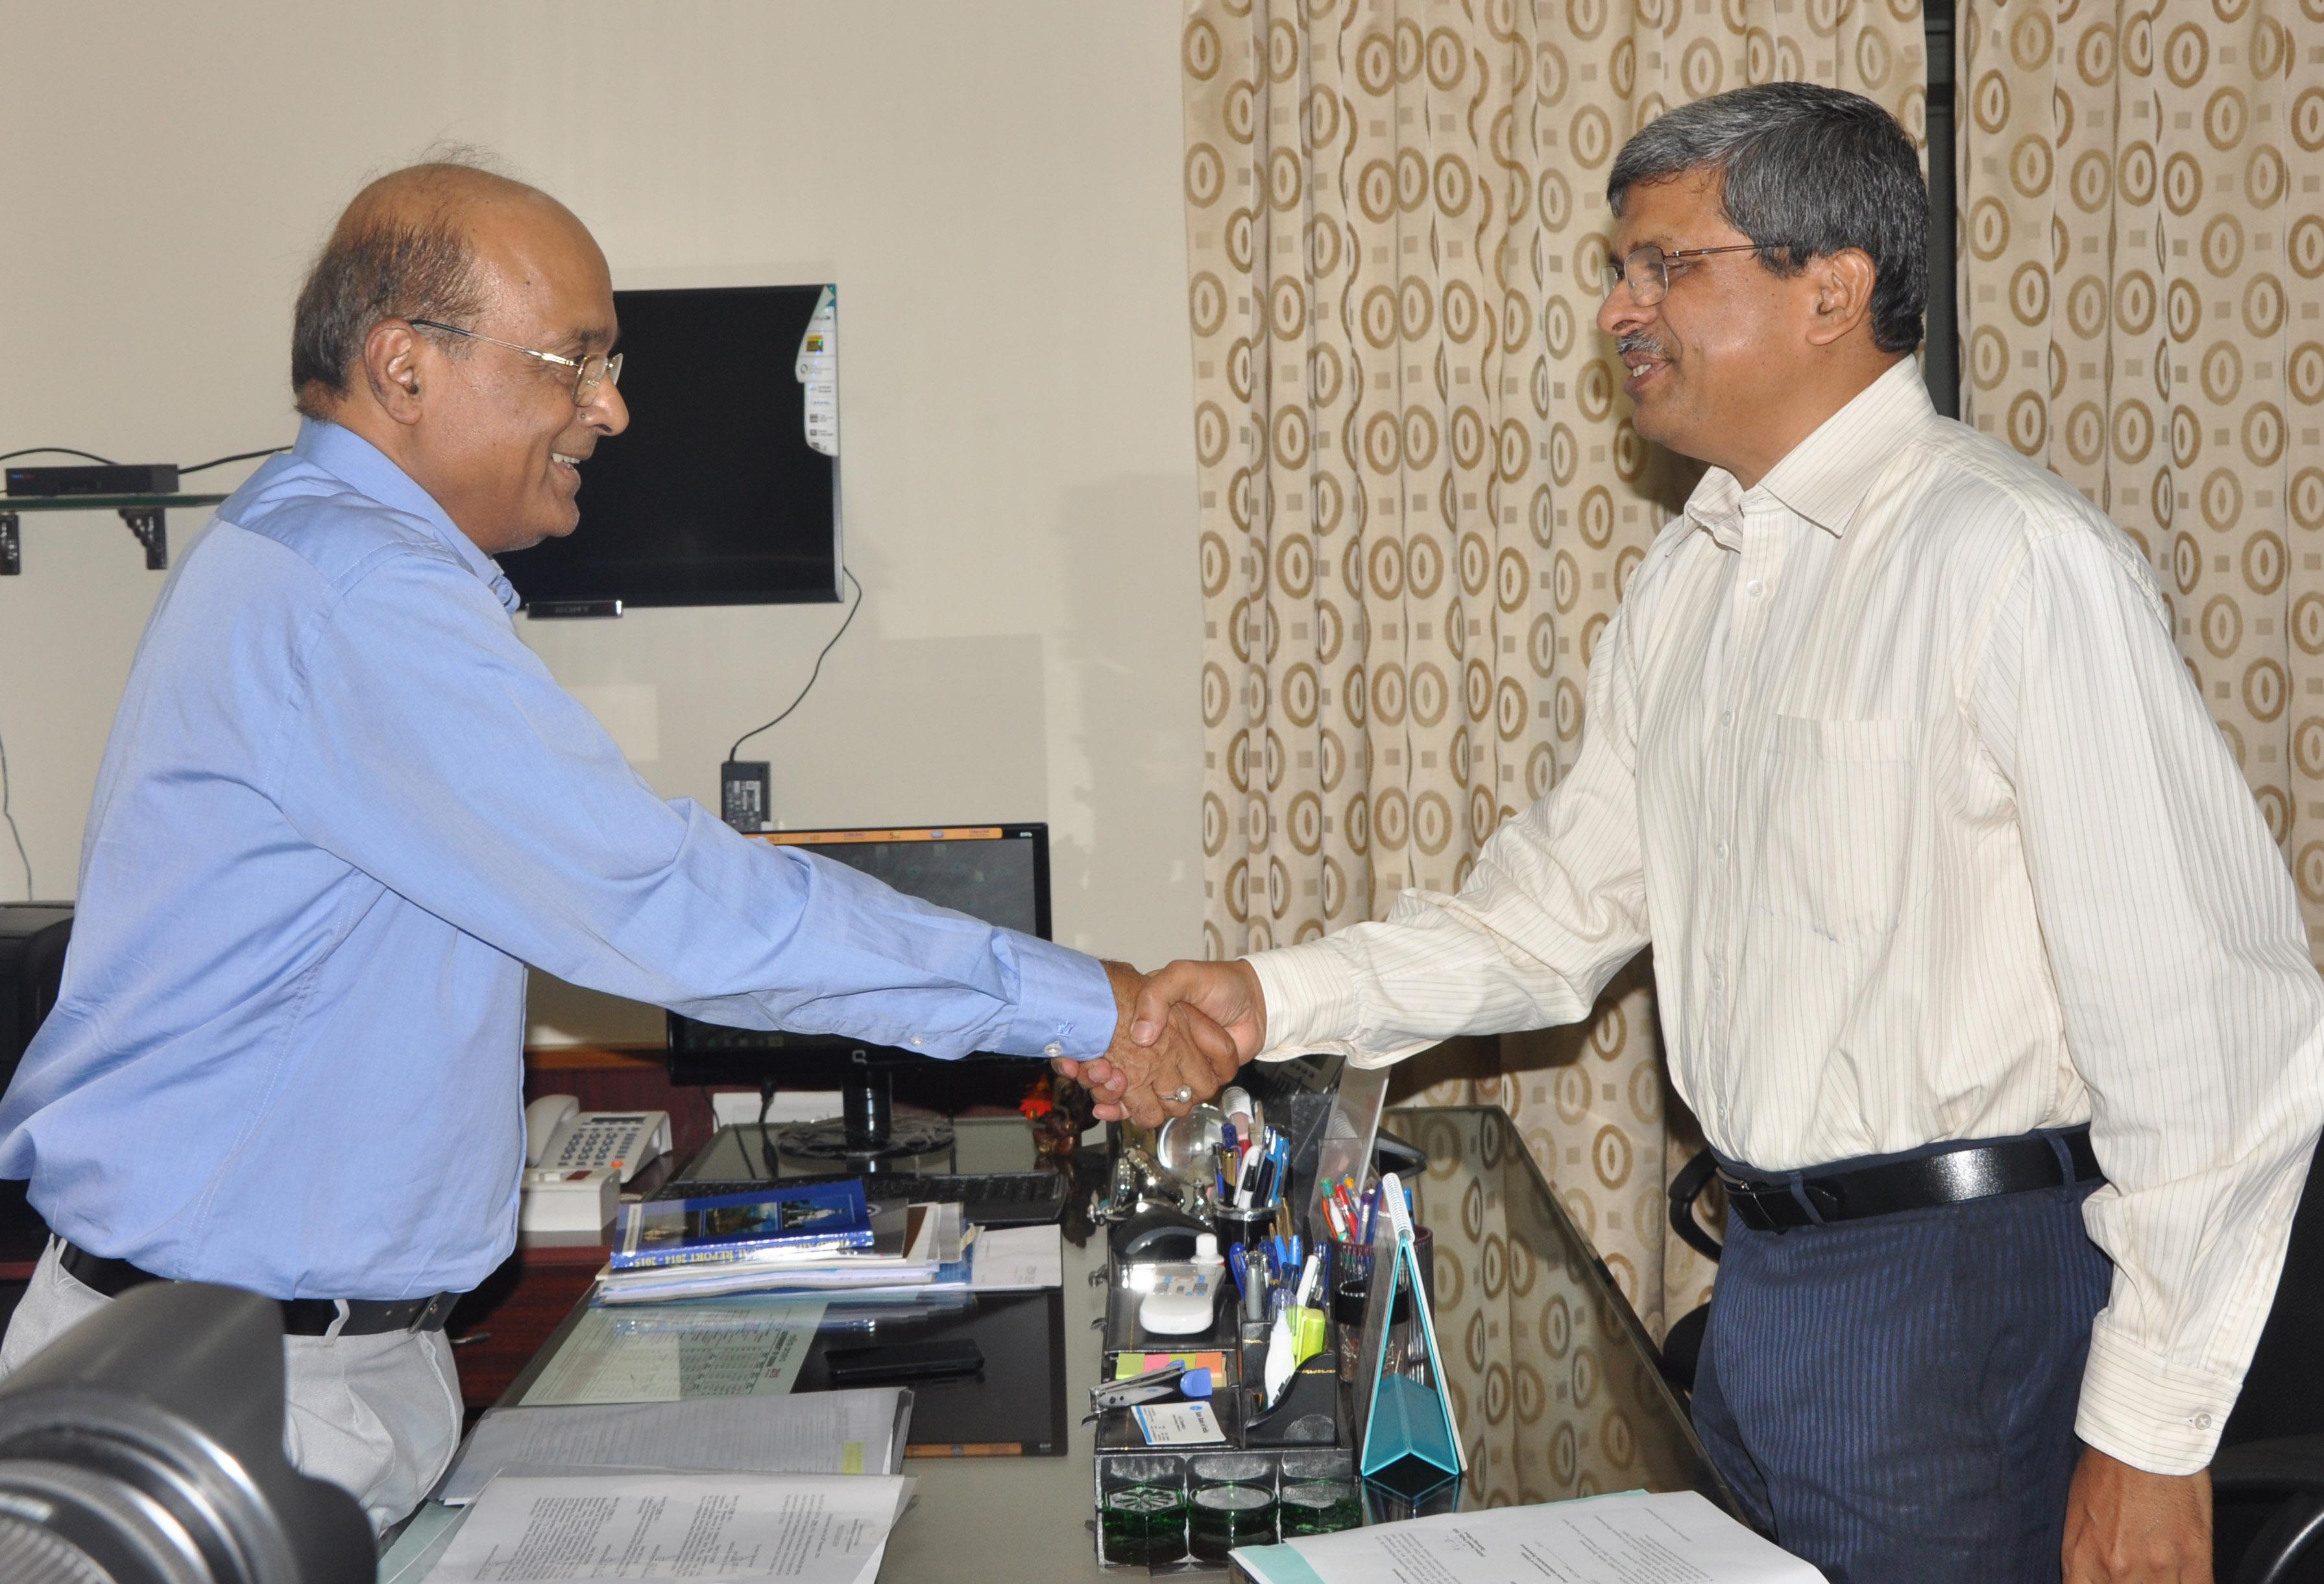 aditya padhi and golul pati